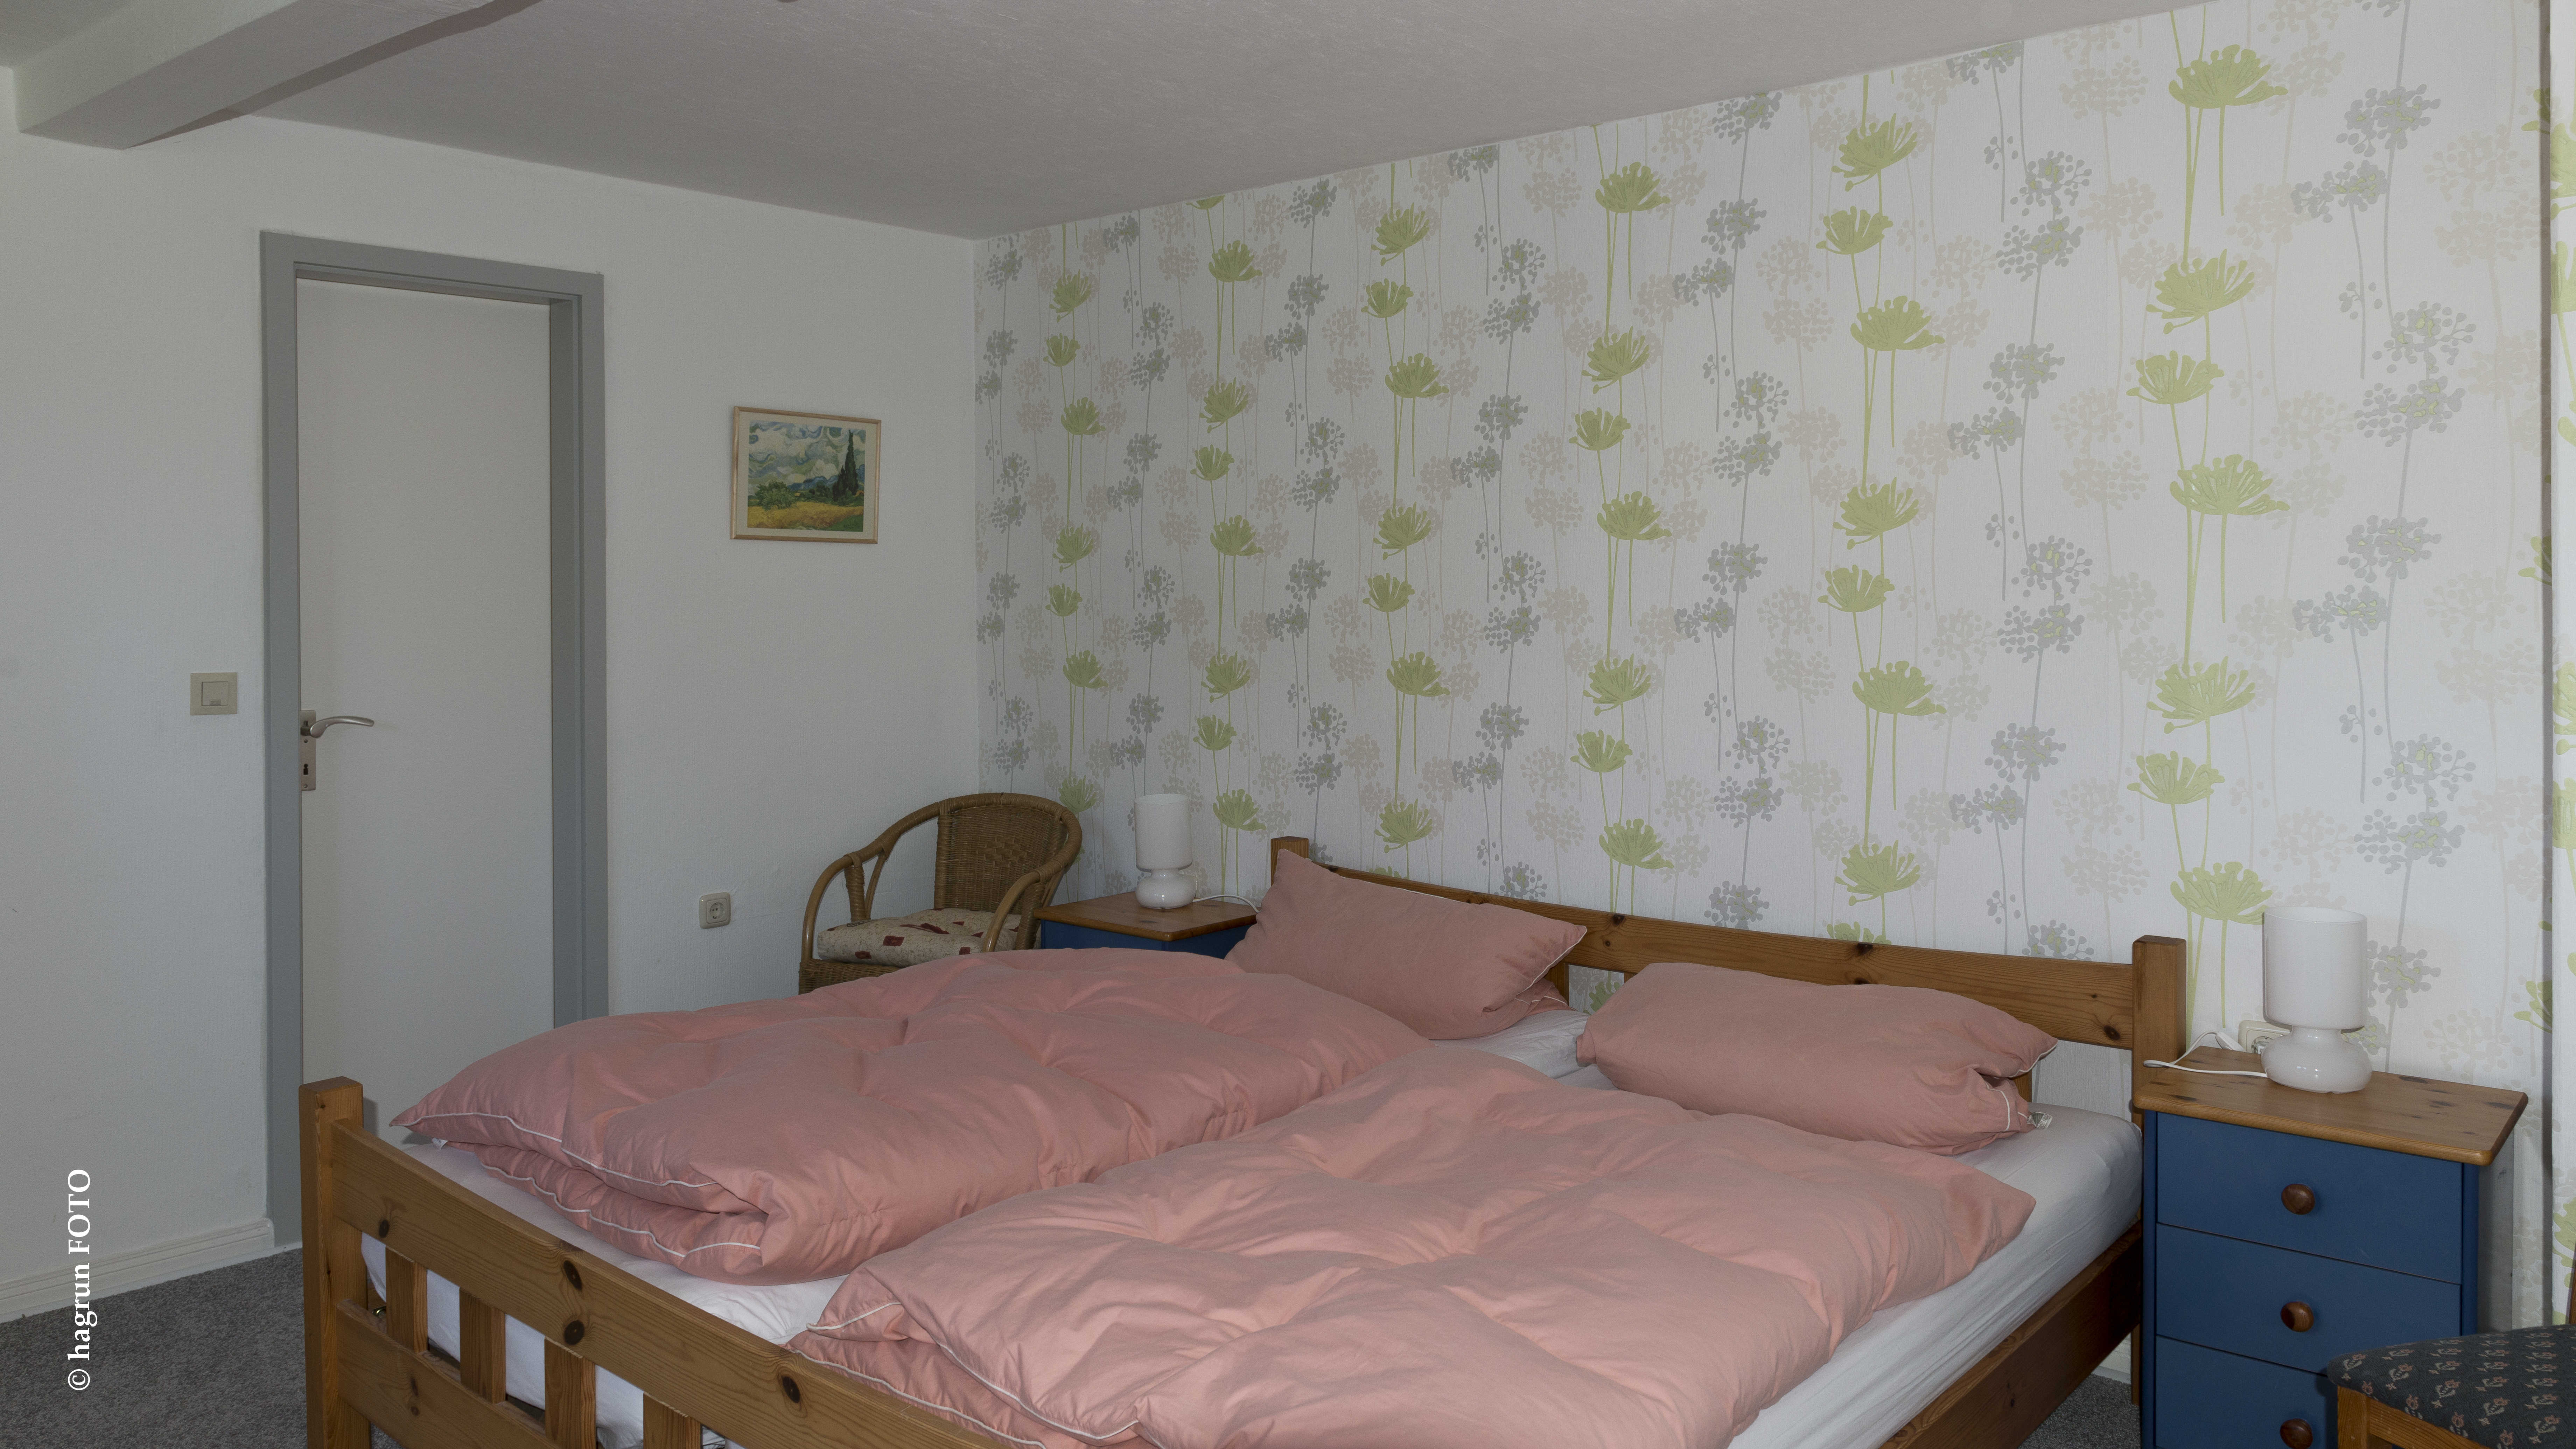 Schlafzimmer Eltern: Ruetemple